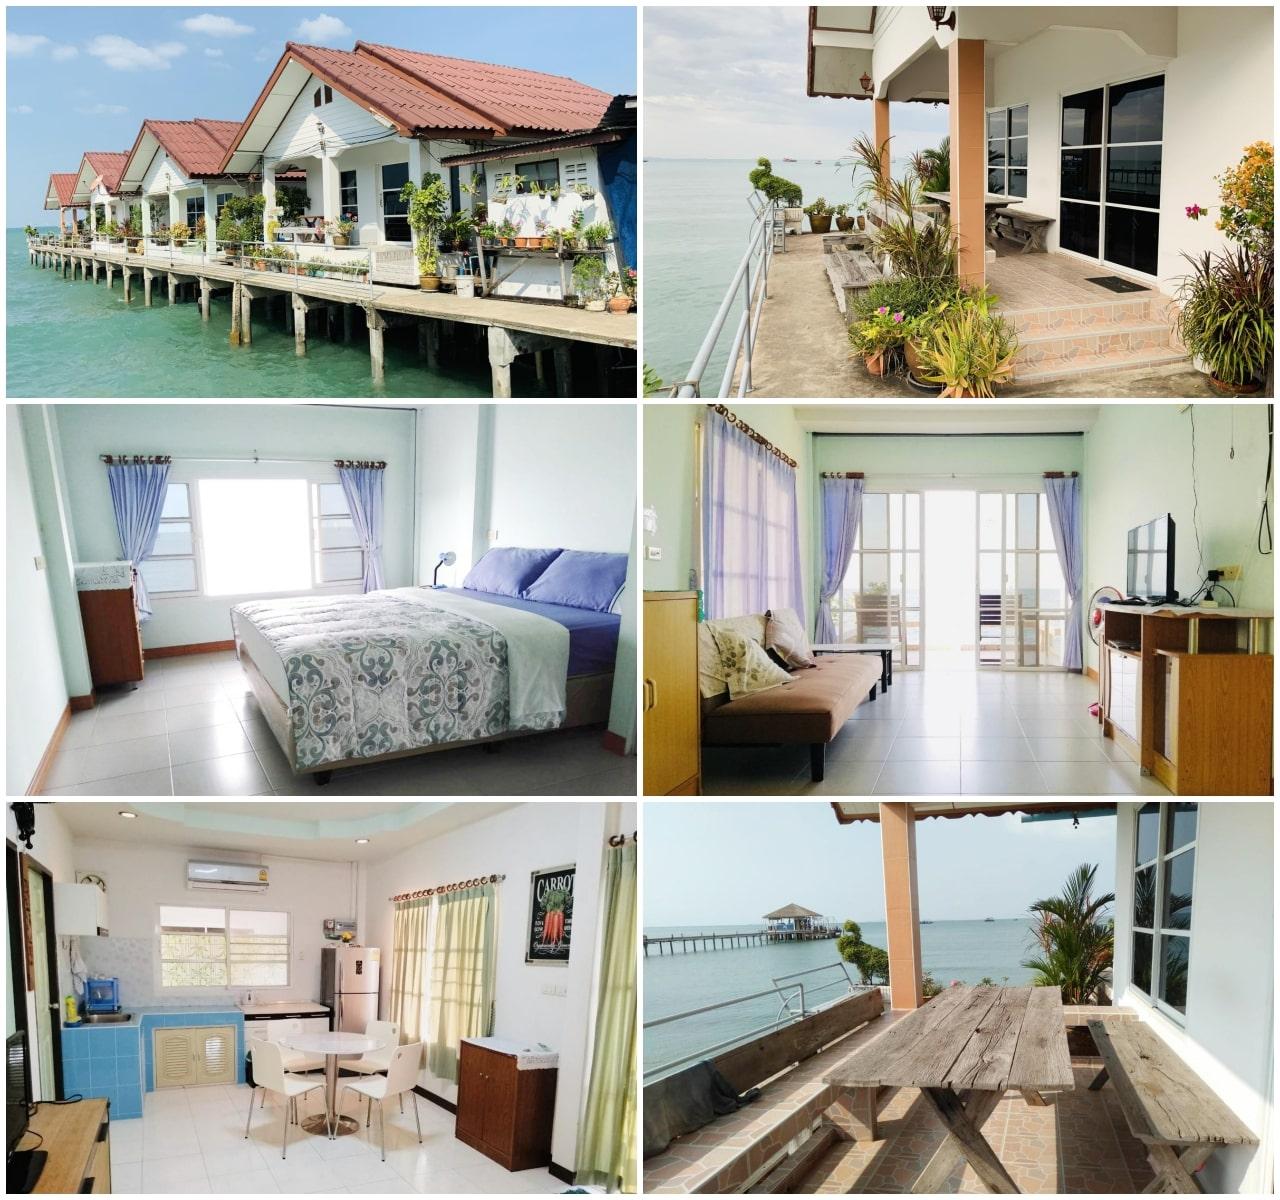 9 ที่พักบางเสร่ติดทะเล บ้านเป็นหลัง ปิ้งย่างได้ ราคาถูกมาก!